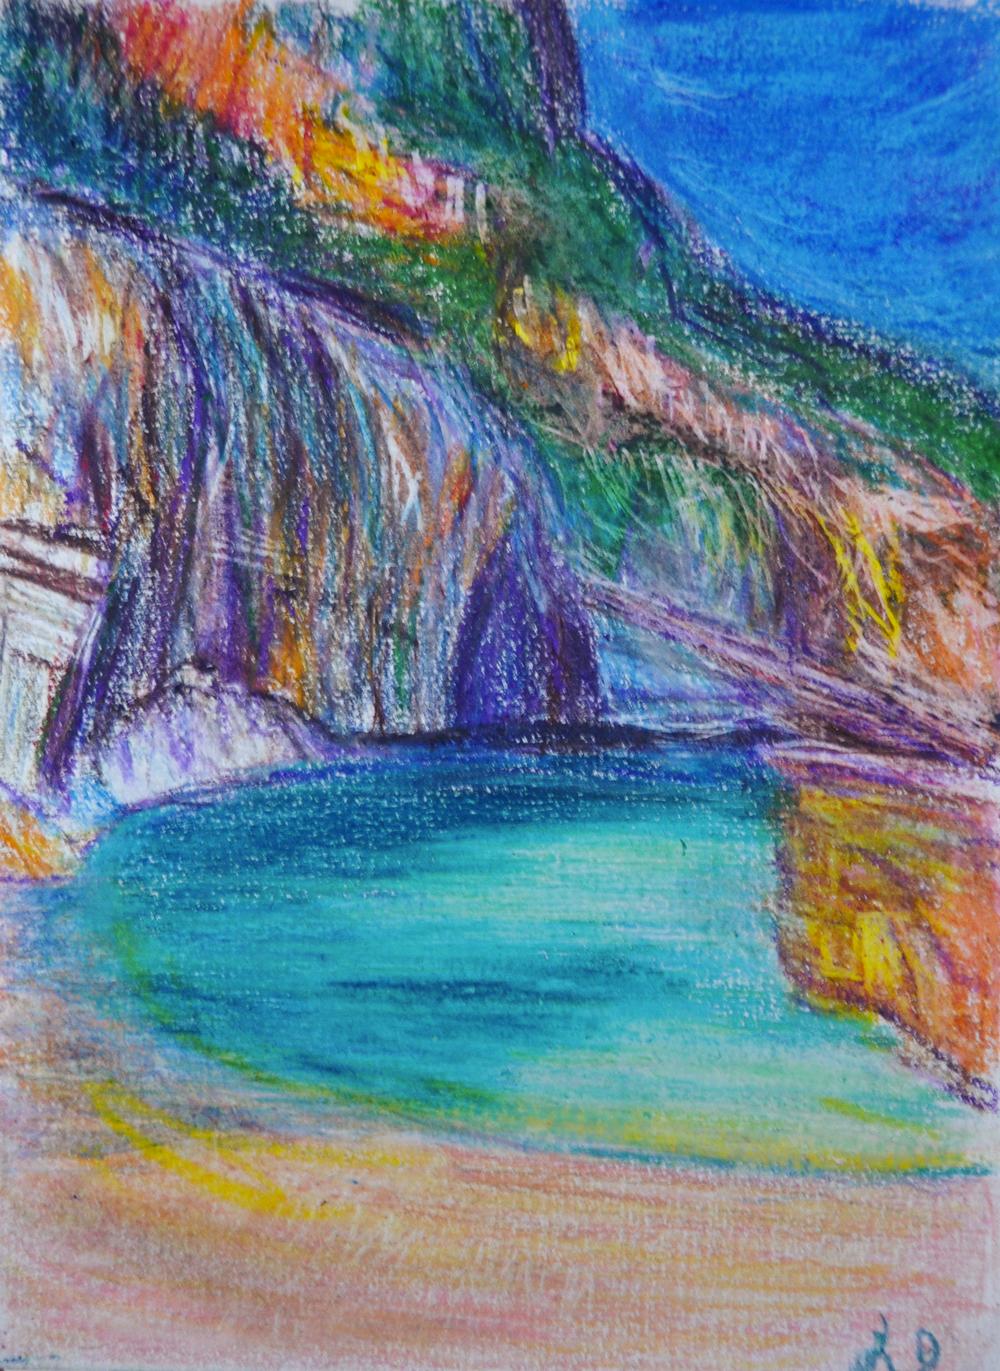 Cala Mariolu no. 2, Sardaigne. Crayons et craie à la cire sur papier , 21x15, 2017